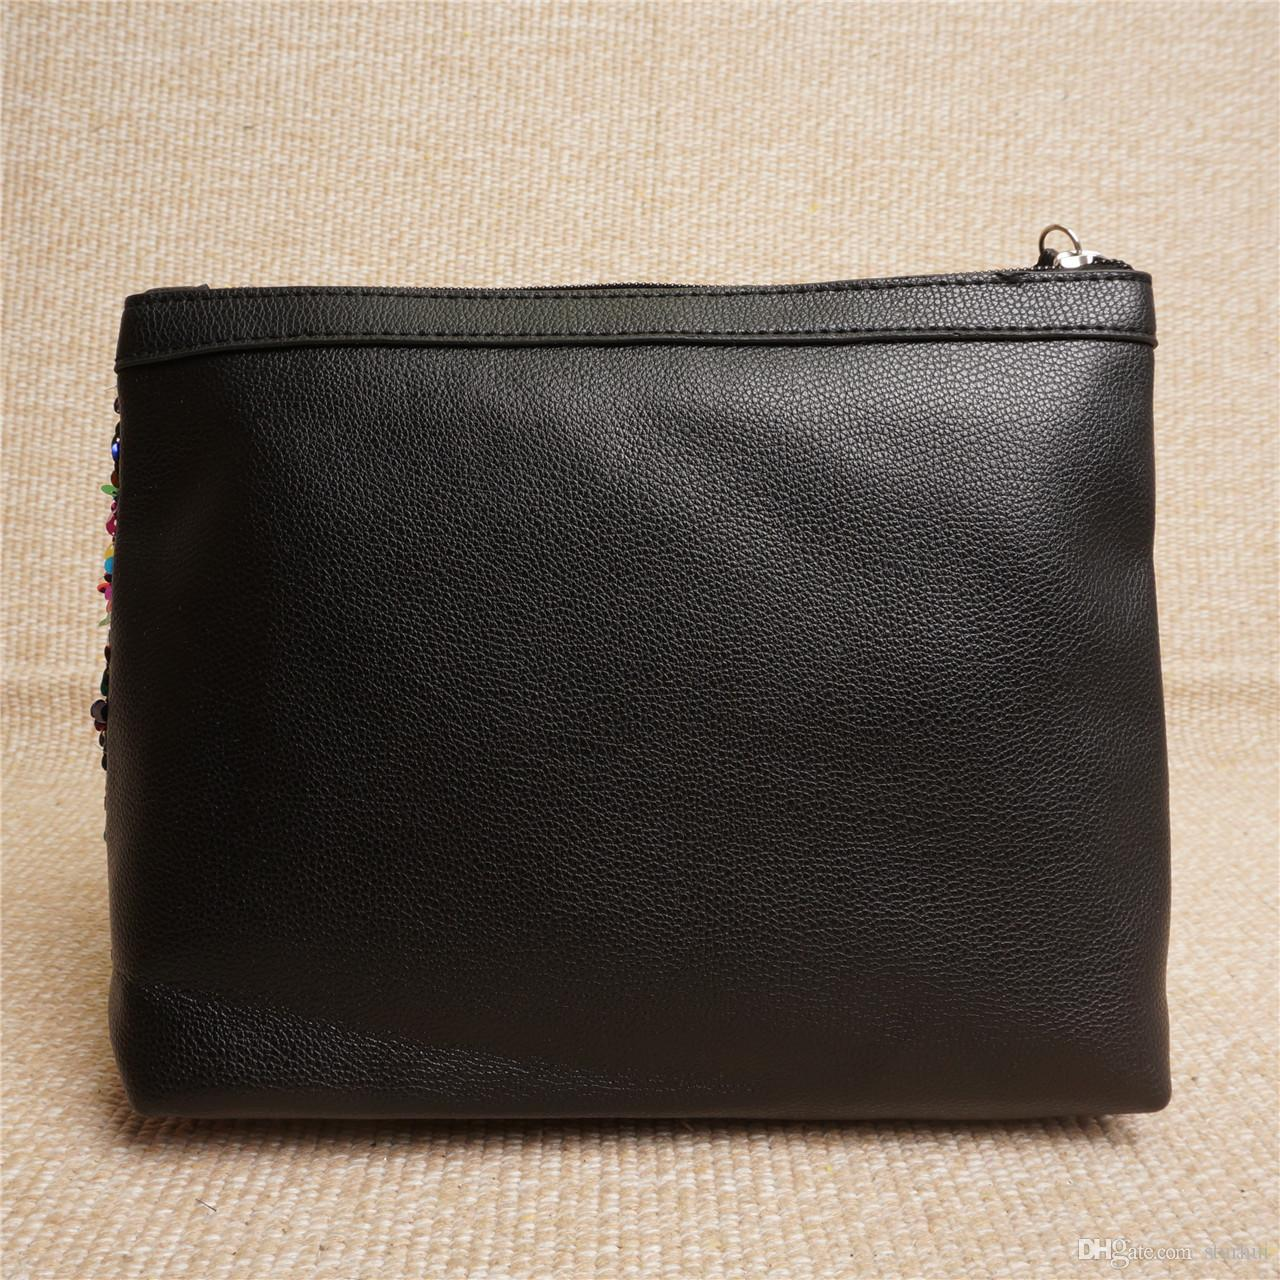 Di lusso di trucco Paillettes immagazzinaggio del sacchetto le donne Cosmetic Mermaid frizione borsa Homepage Monete Organizzazione bagagli WX9-362